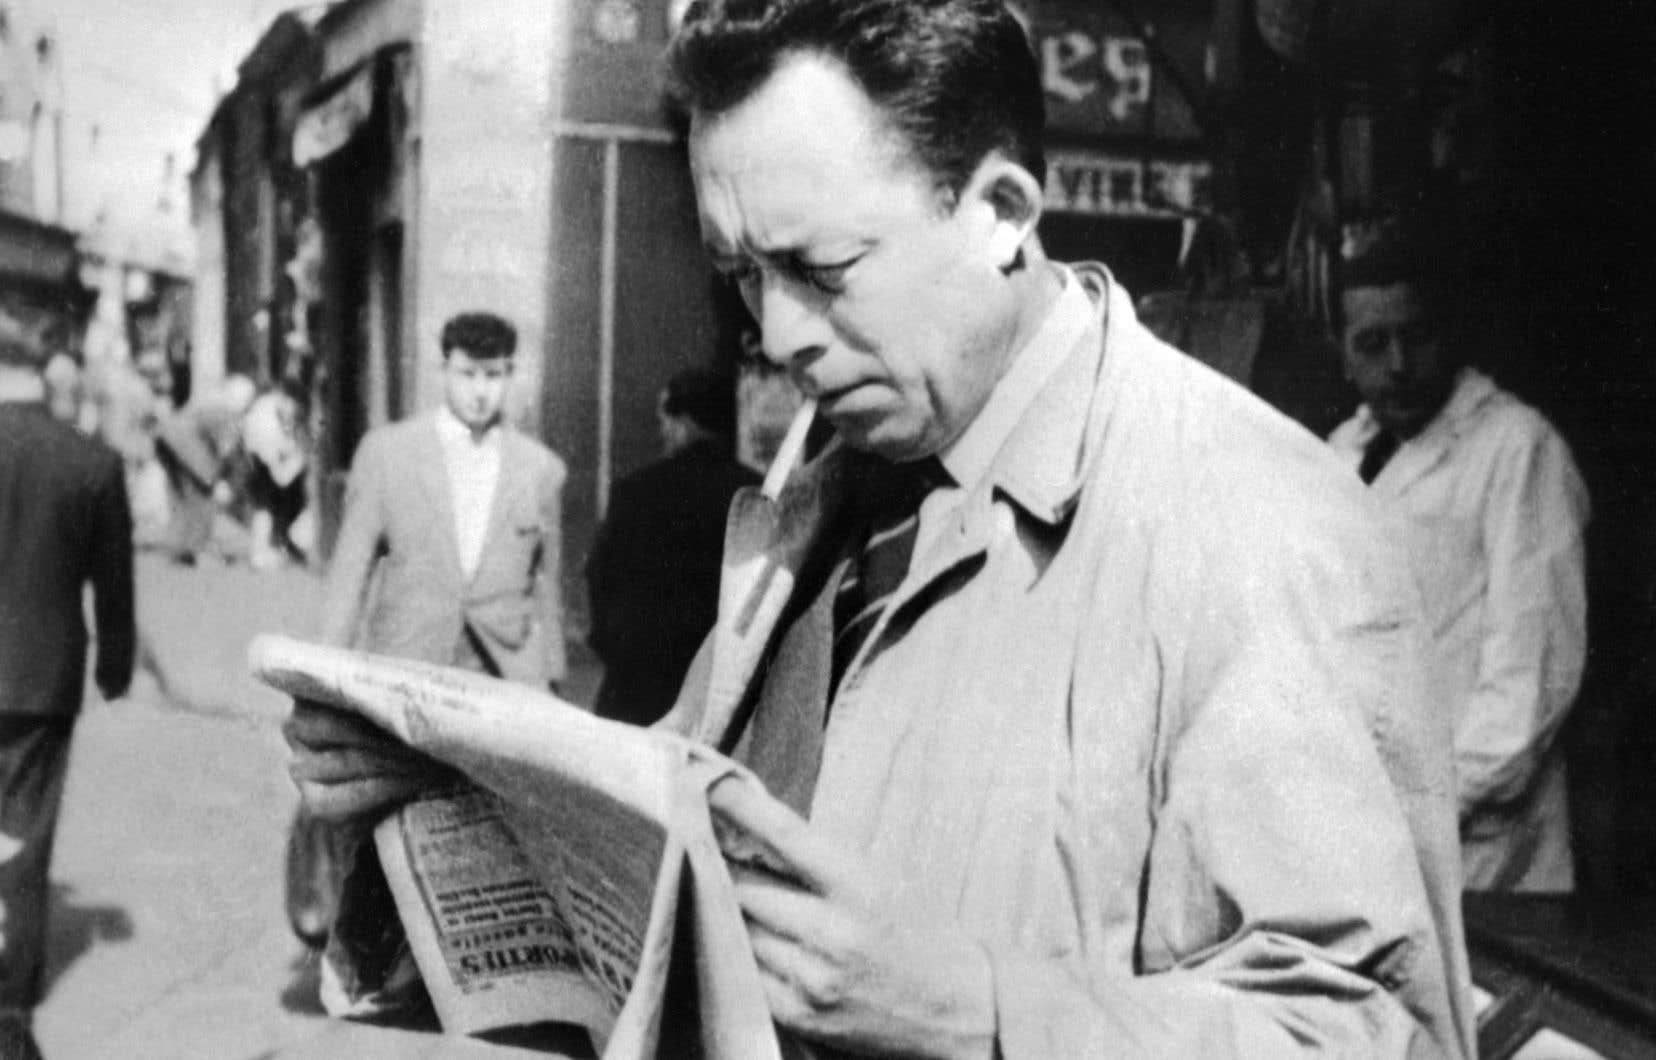 L'écrivain français, journaliste, philosophe et Prix Nobel de littérature en 1957, Albert Camus, lisant un journal, cigarette aux lèvres, à Paris en 1953.